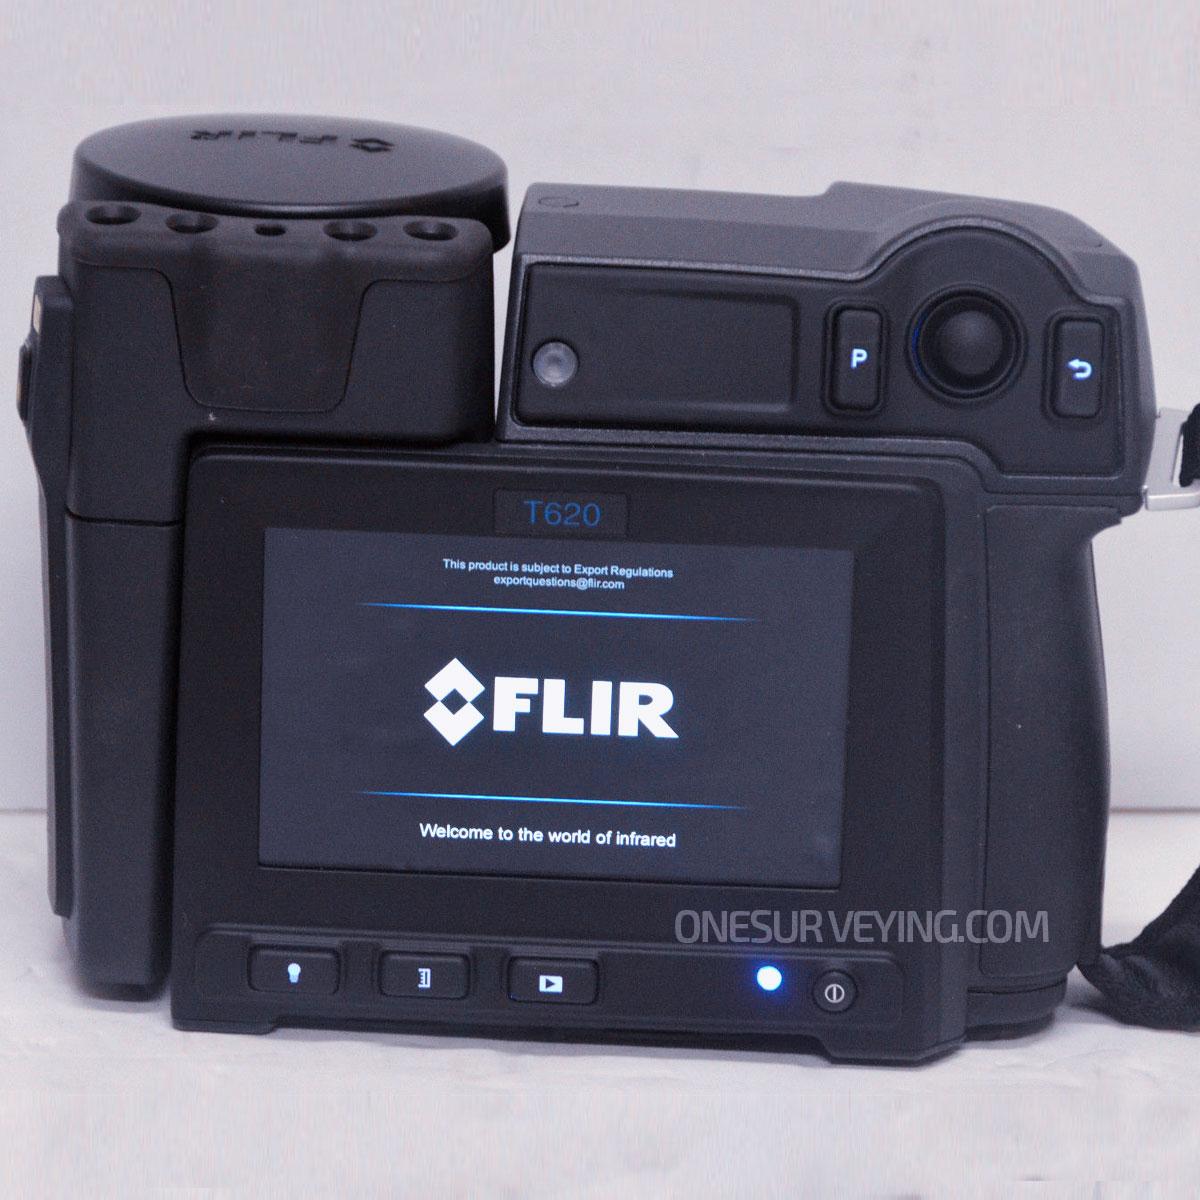 FLIR-T620-Infrared-Thermal-Imaging-Camera.jpg